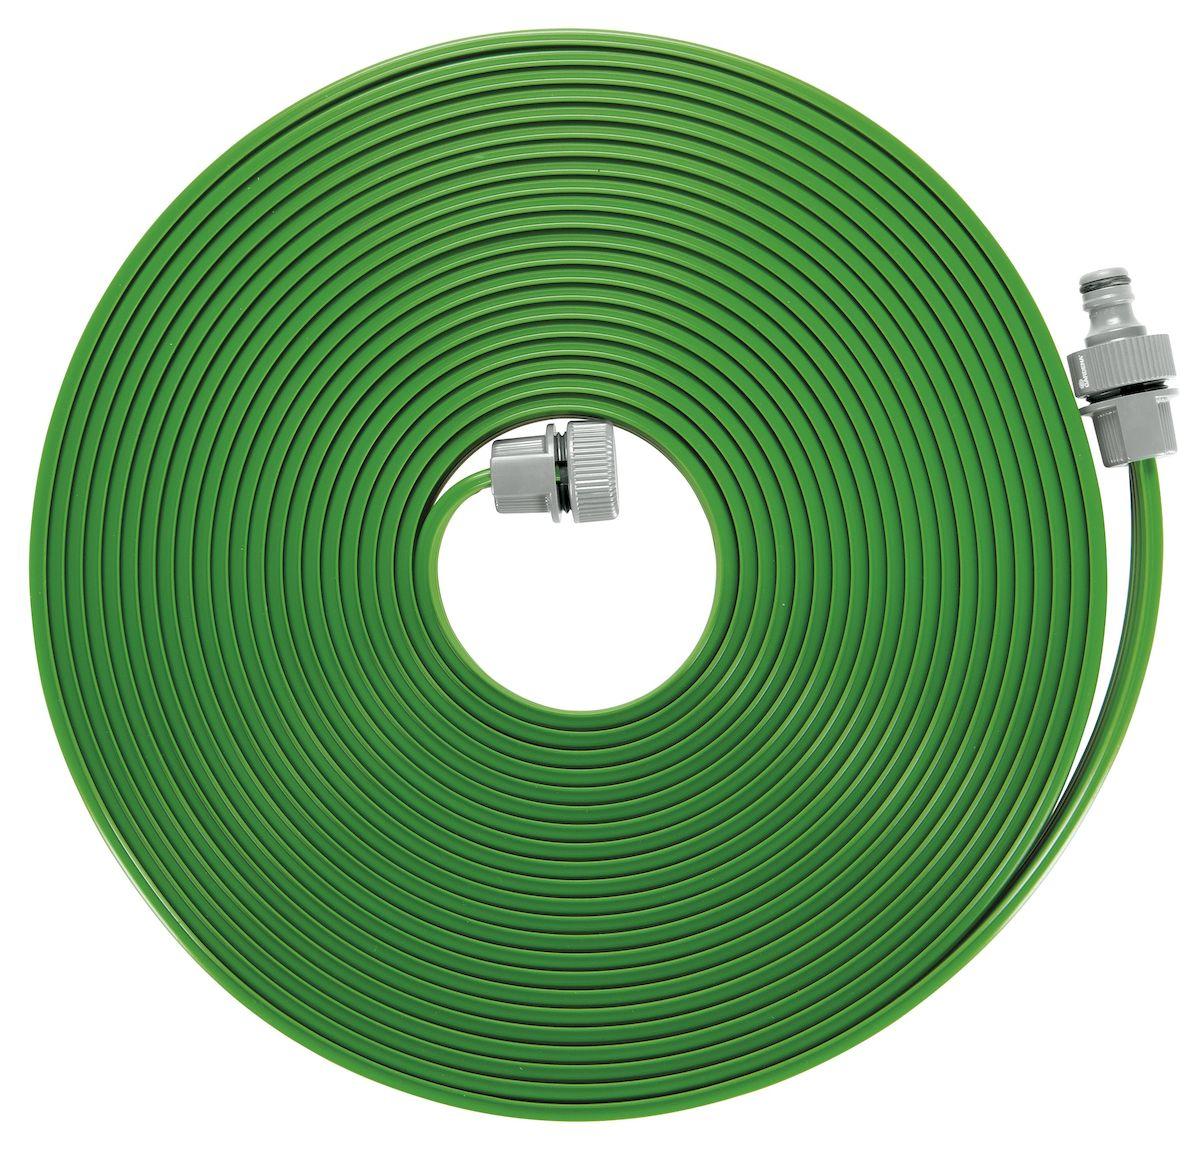 Шланг-дождеватель Gardena, цвет: зеленый, 15 м01998-20.000.00Шланг-дождеватель Gardena оптимально подходит для бережного орошения грядок, бордюров и узких площадок. Полив мелкодисперсным орошением позволяет бережно поливать капризные растения, не повреждая их. В комплект поставки шланга входят необходимые соединительные элементы, поэтому всё, что вам нужно - это подключить шланг к источнику воды. Шланг-дождеватель предусматривает возможность наращивания путем простого подсоединения до 22,5 м. Шланг может быть укорочен по желанию пользователя. Для этого нужно просто обрезать шланг, отмерив нужную длину, и установить соединительные элементы. Шланг-дождеватель Gardena предназначен для легкого полива небольших участков. Площадь полива - 15 м2. Длина шланга - 15 м.